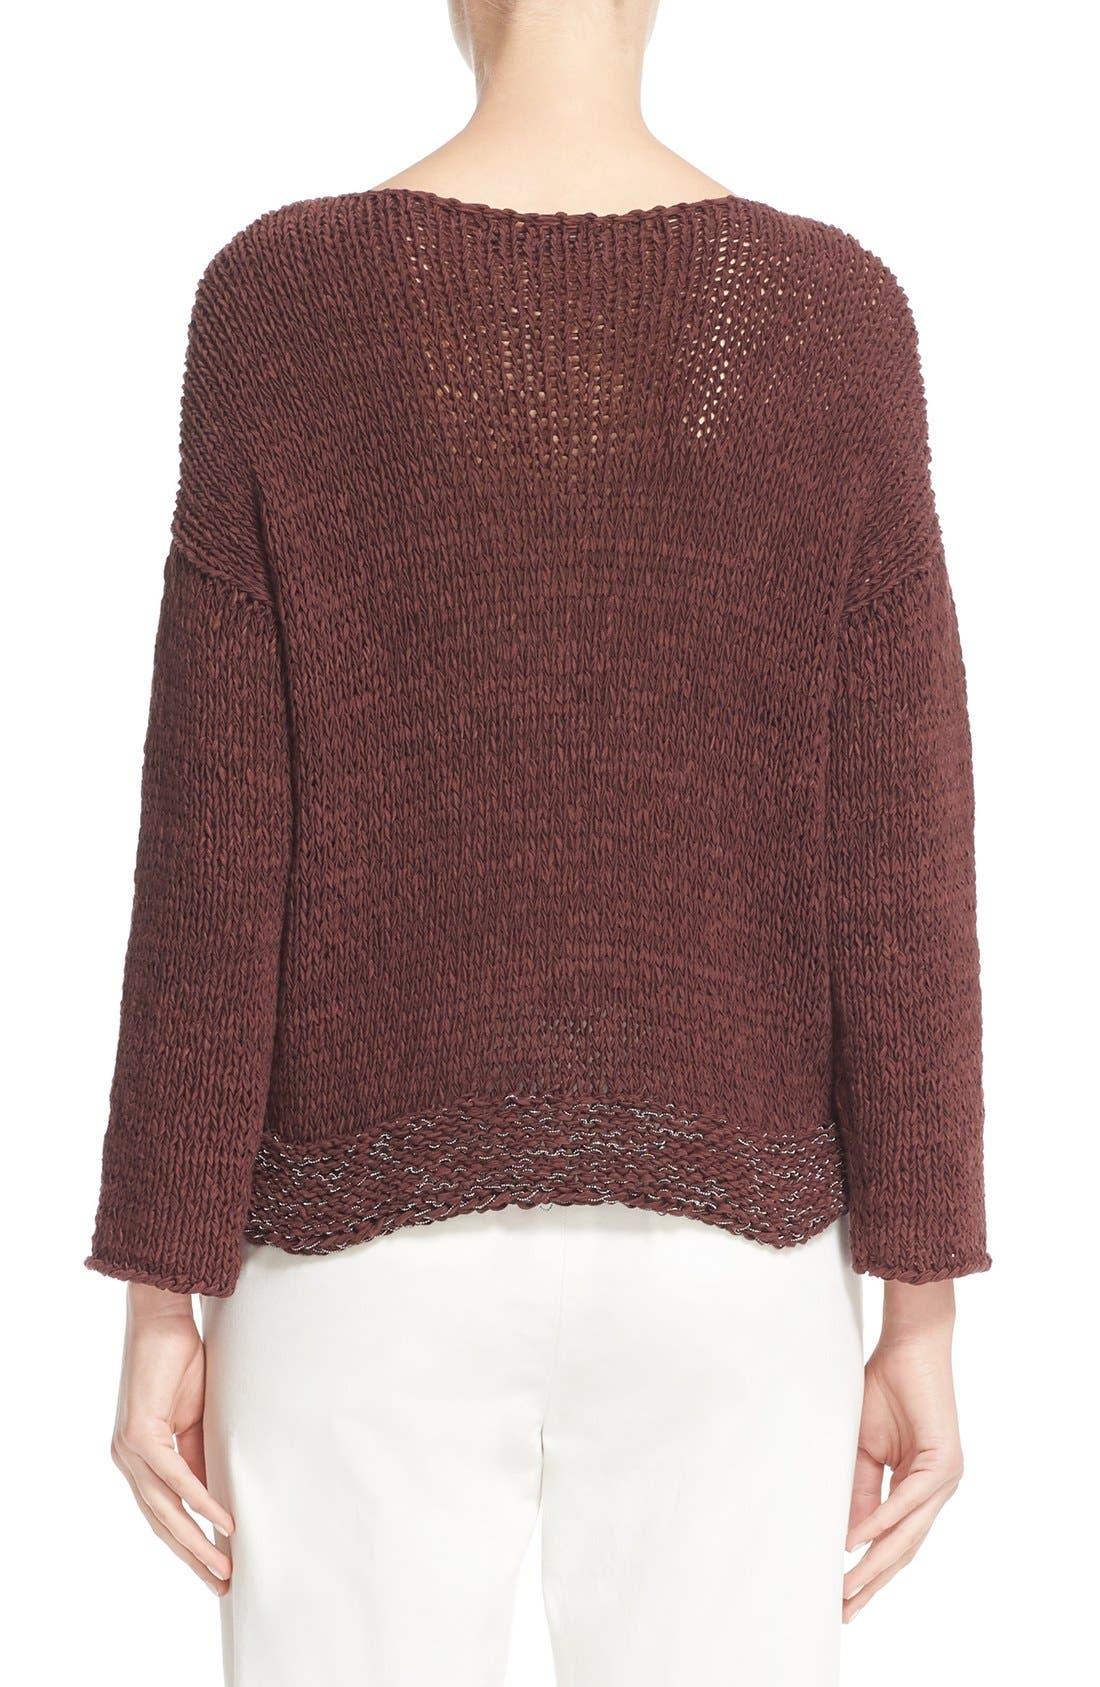 Mollini Trim Cotton Blend Sweater,                             Alternate thumbnail 2, color,                             601